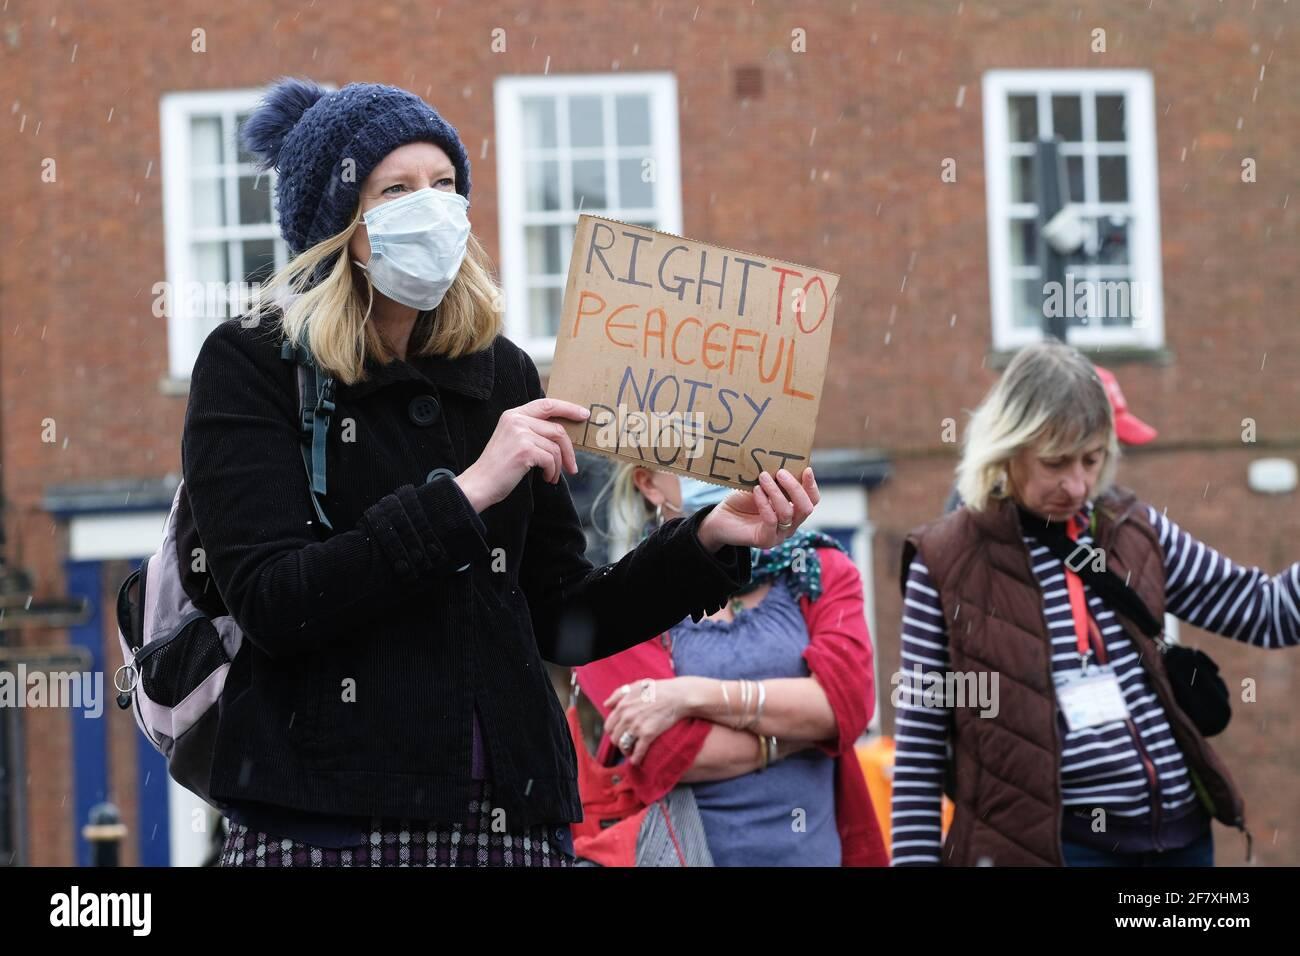 Worcester, Worcestershire, Reino Unido – Sábado 10th de abril de 2021 – Matar al proyecto de ley Los manifestantes se manifiestan en el centro de Worcester contra el nuevo proyecto de ley sobre la policía, el delito, la sentencia y los tribunales (PCSC), que consideran limitará sus derechos a la protesta legal. Foto Steven May / Alamy Live News Foto de stock